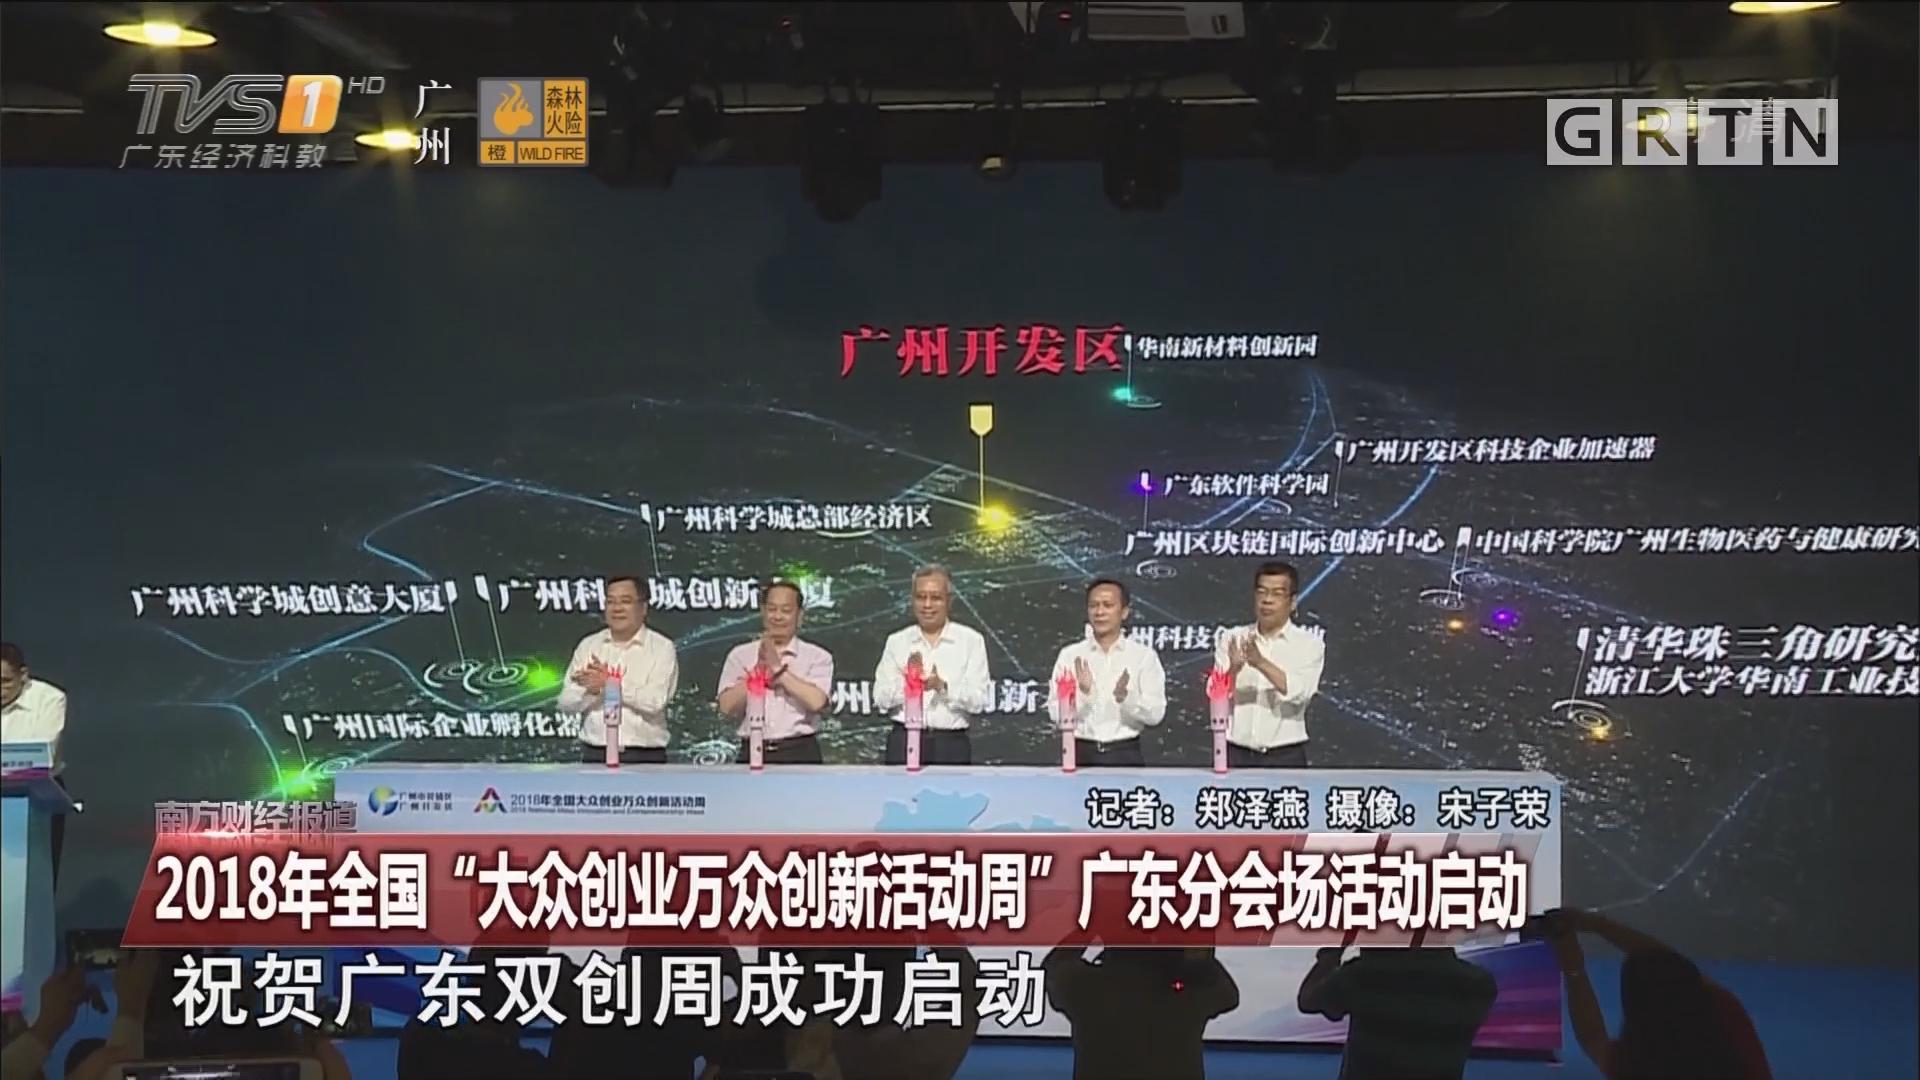 """2018年全国""""大众创业万众创新活动周""""广东分会场活动启动"""